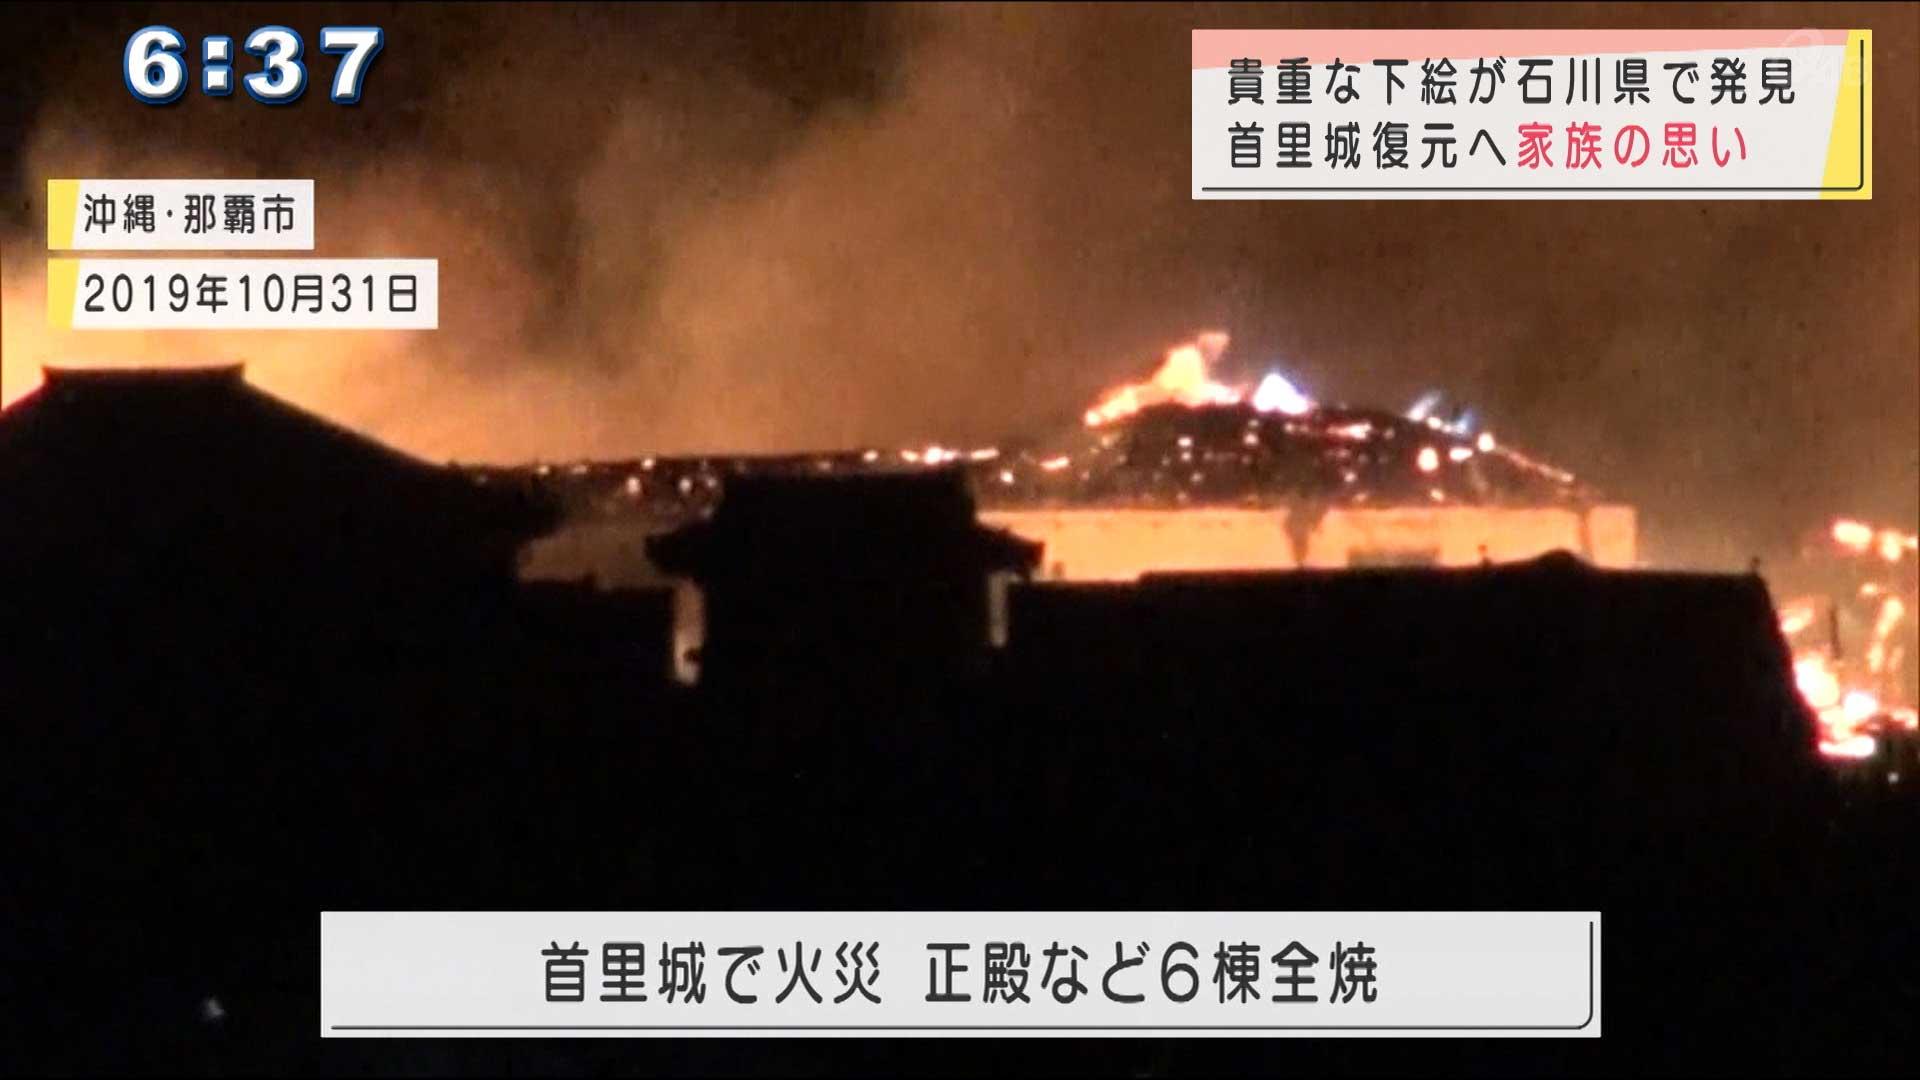 石川県で首里城正殿の下絵見つかる